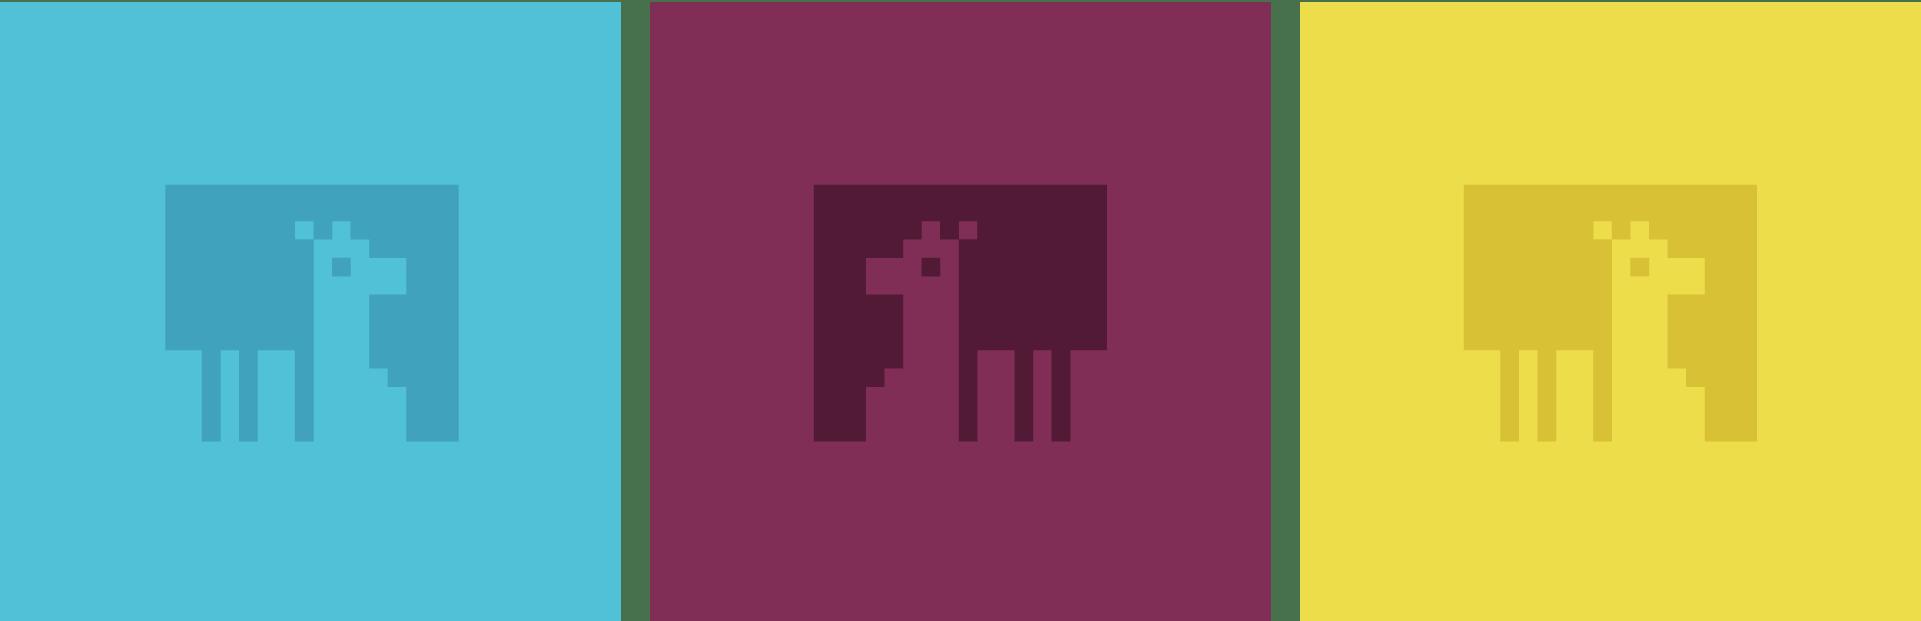 studio-malagon-pico-picante-alpaca-stamp